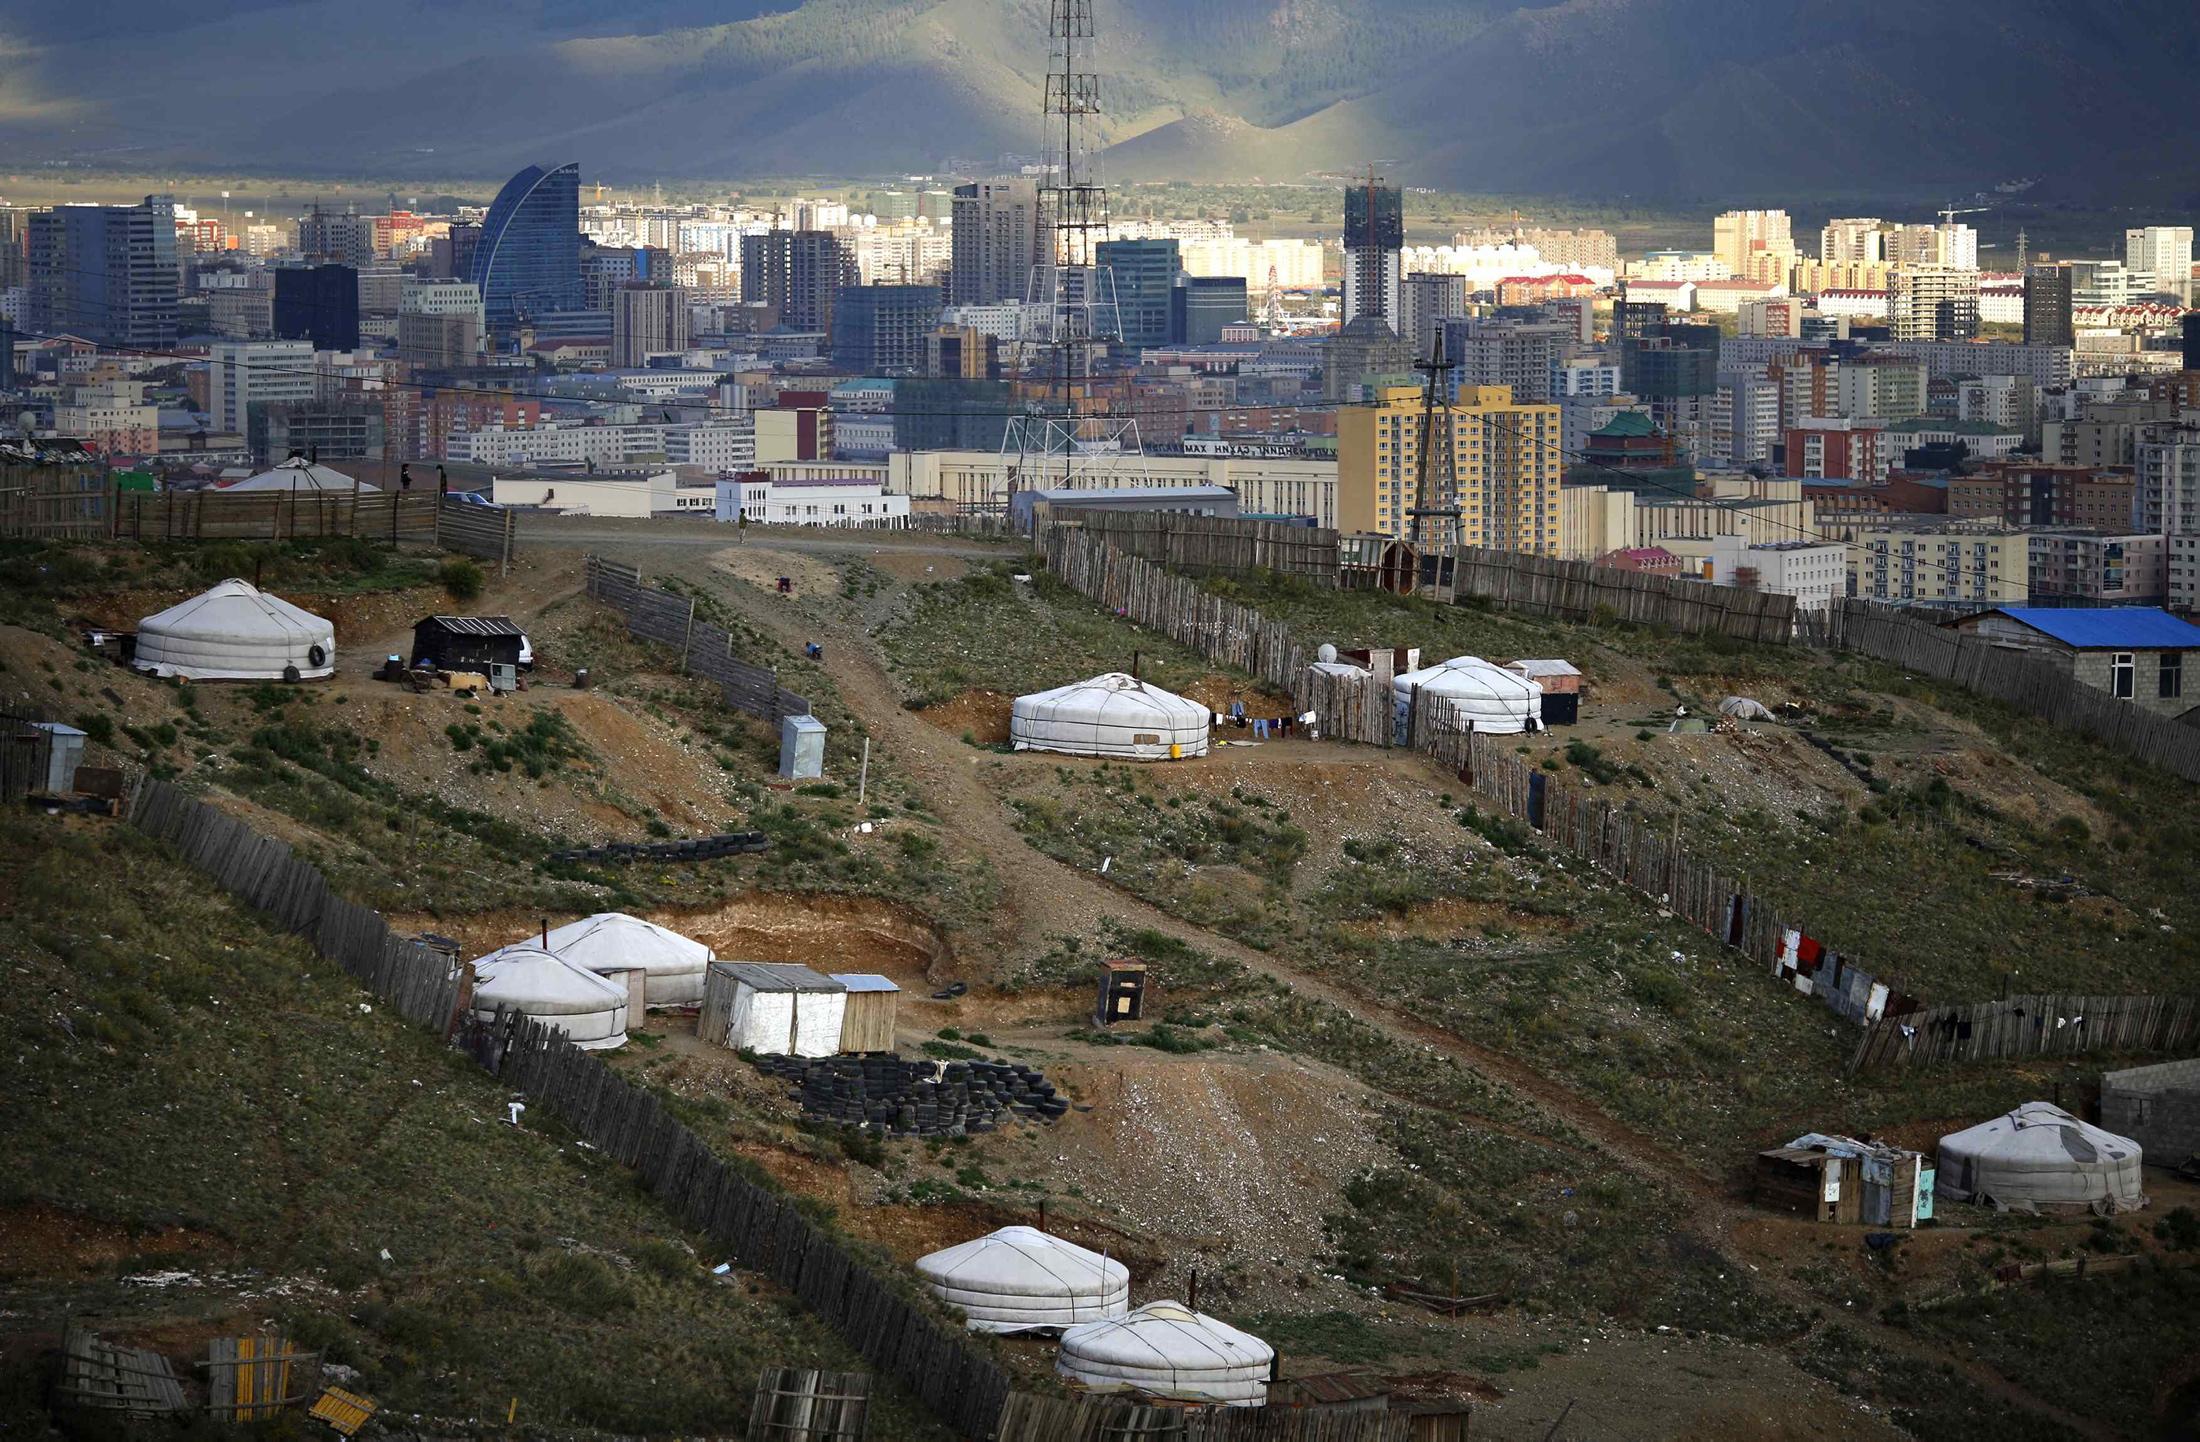 Mongolia-pixanews-1.jpeg